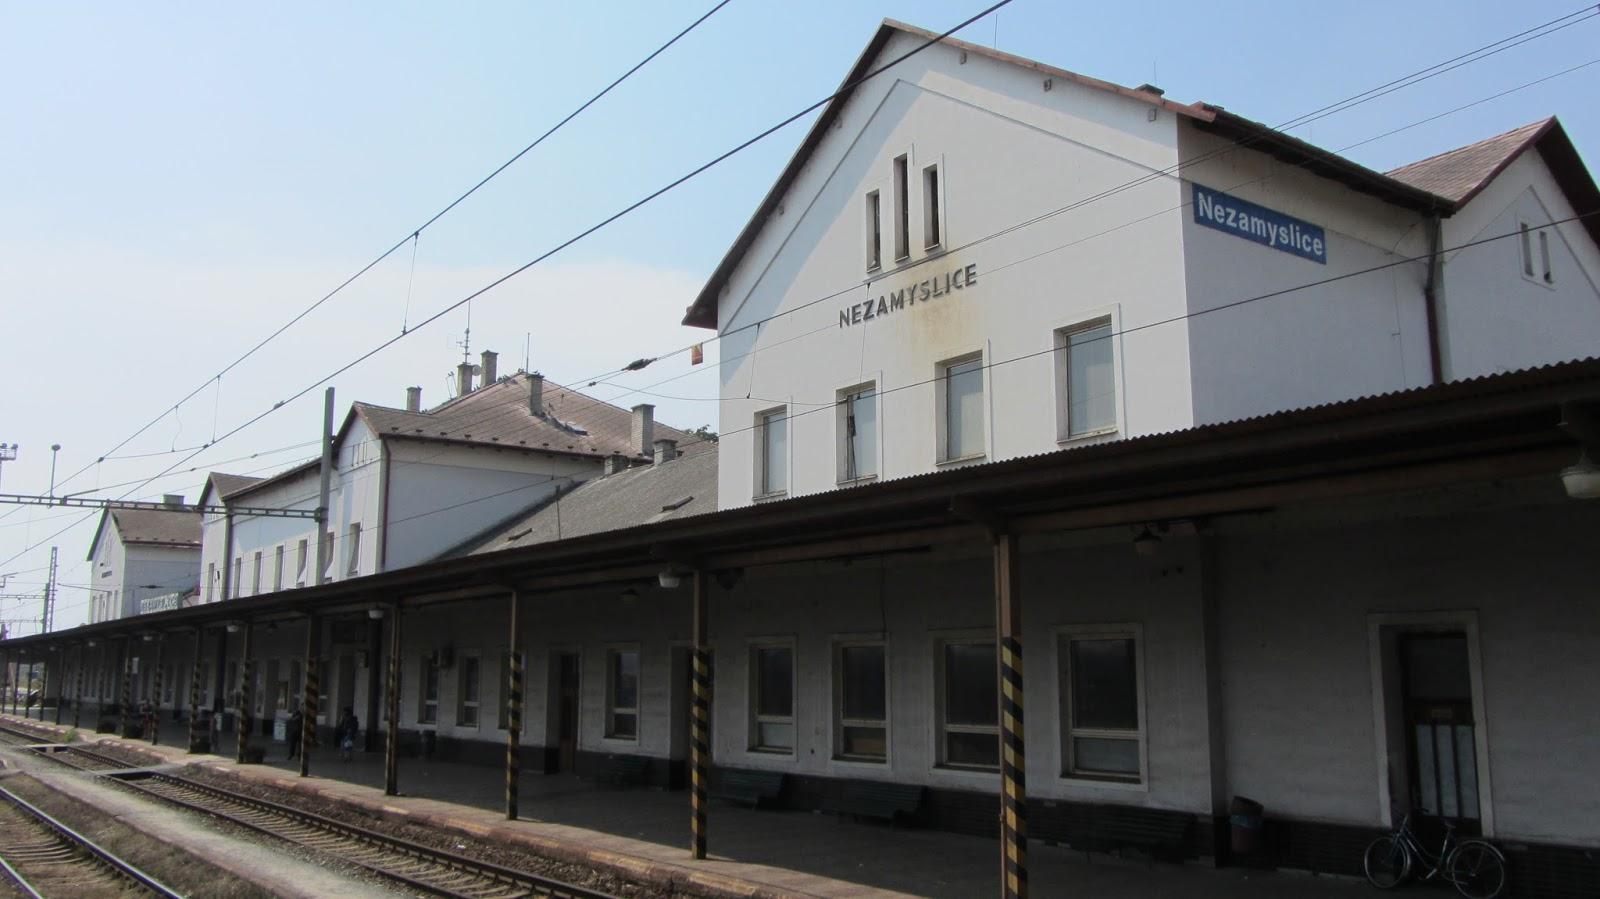 railway stations: Czech Republic: Nezamyslice